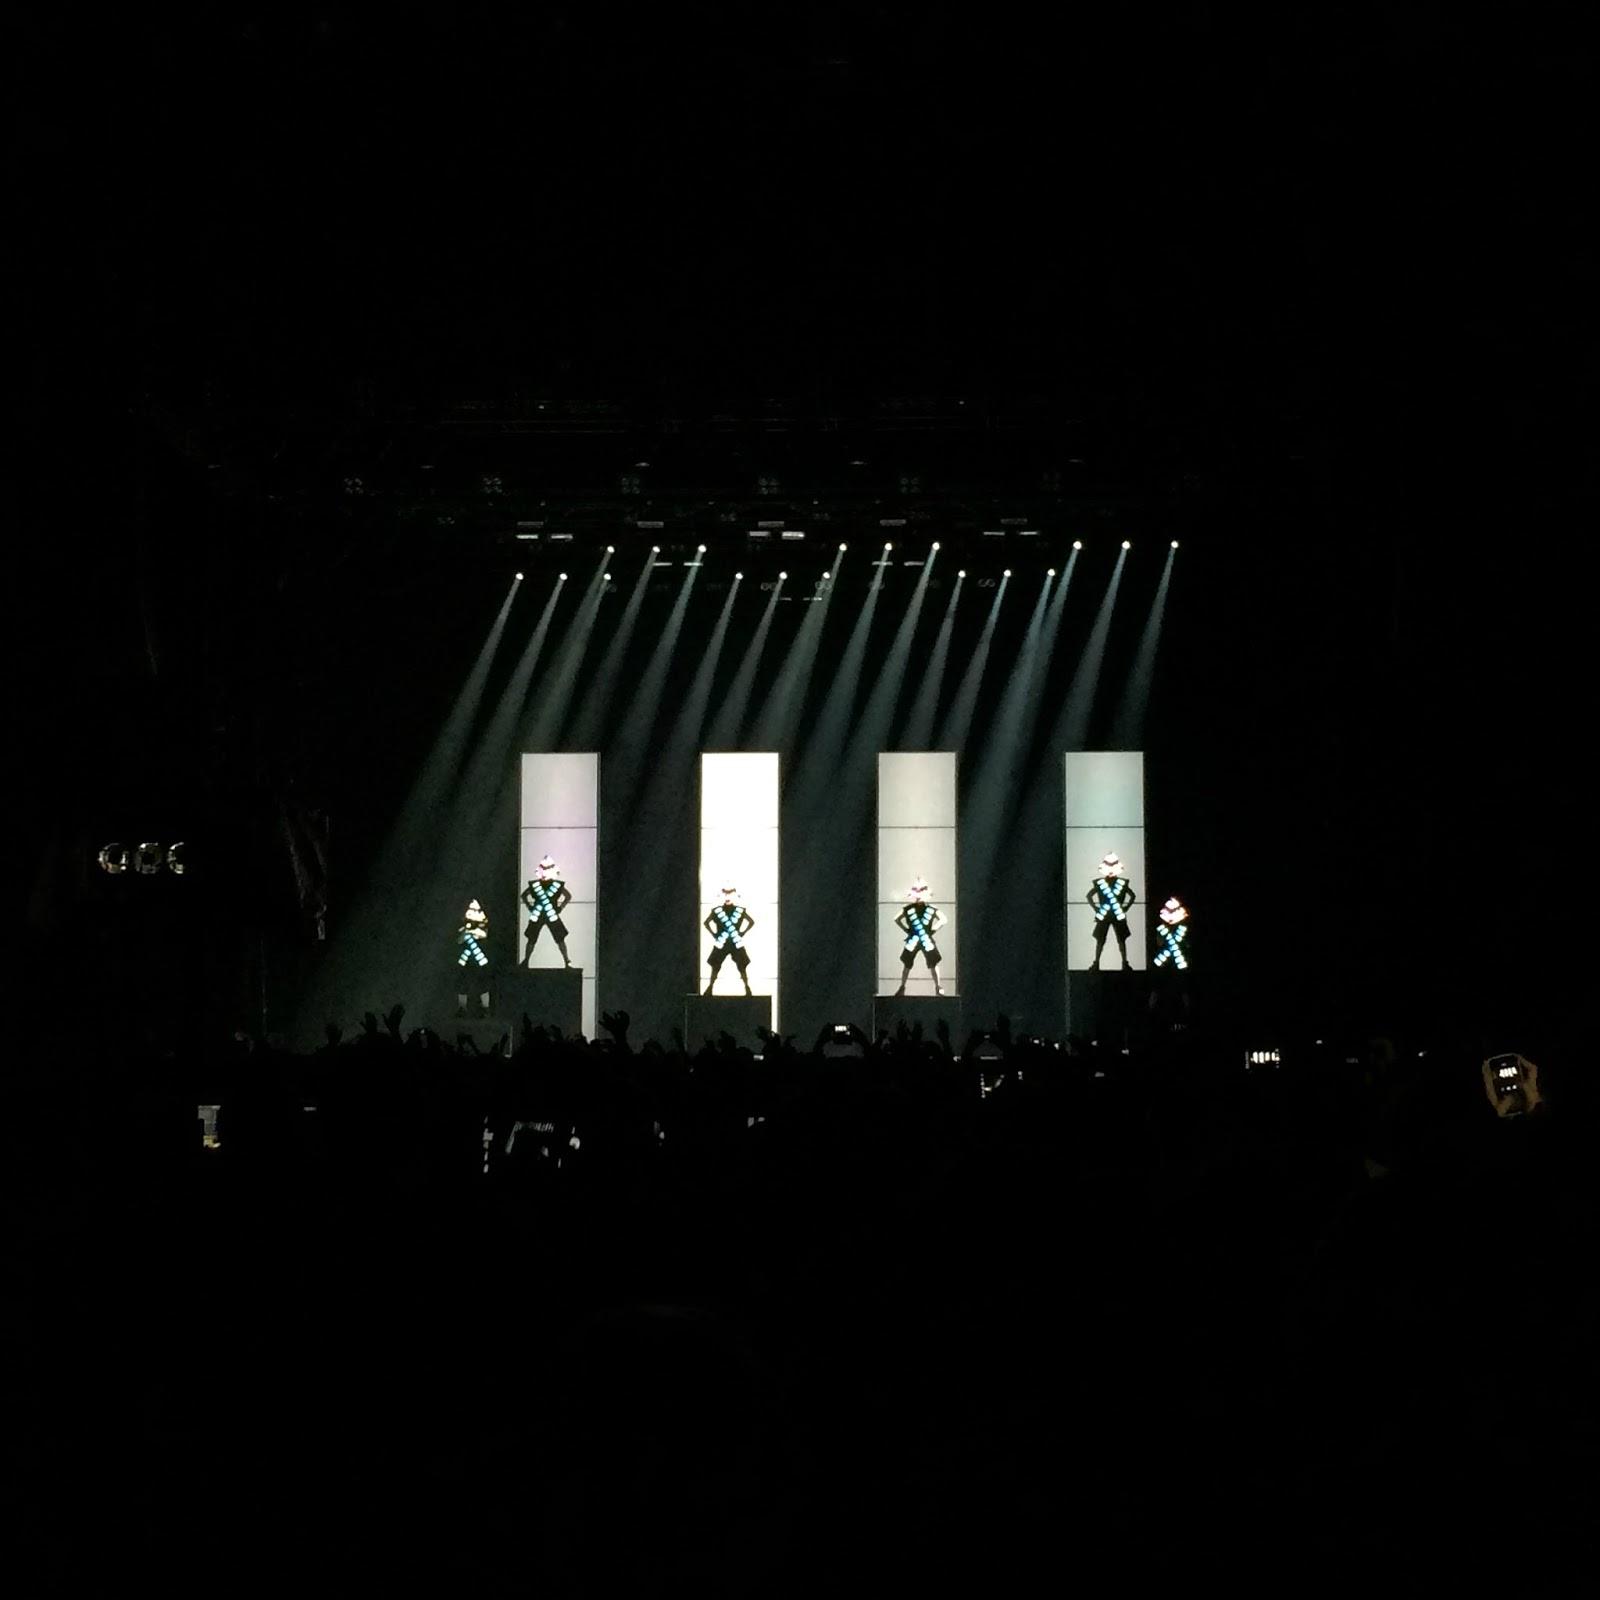 Deichkind Konzert, Köln, Lanxess Arena, Krawall und Remmidemmi, Mittwochs mag ich, Mmi